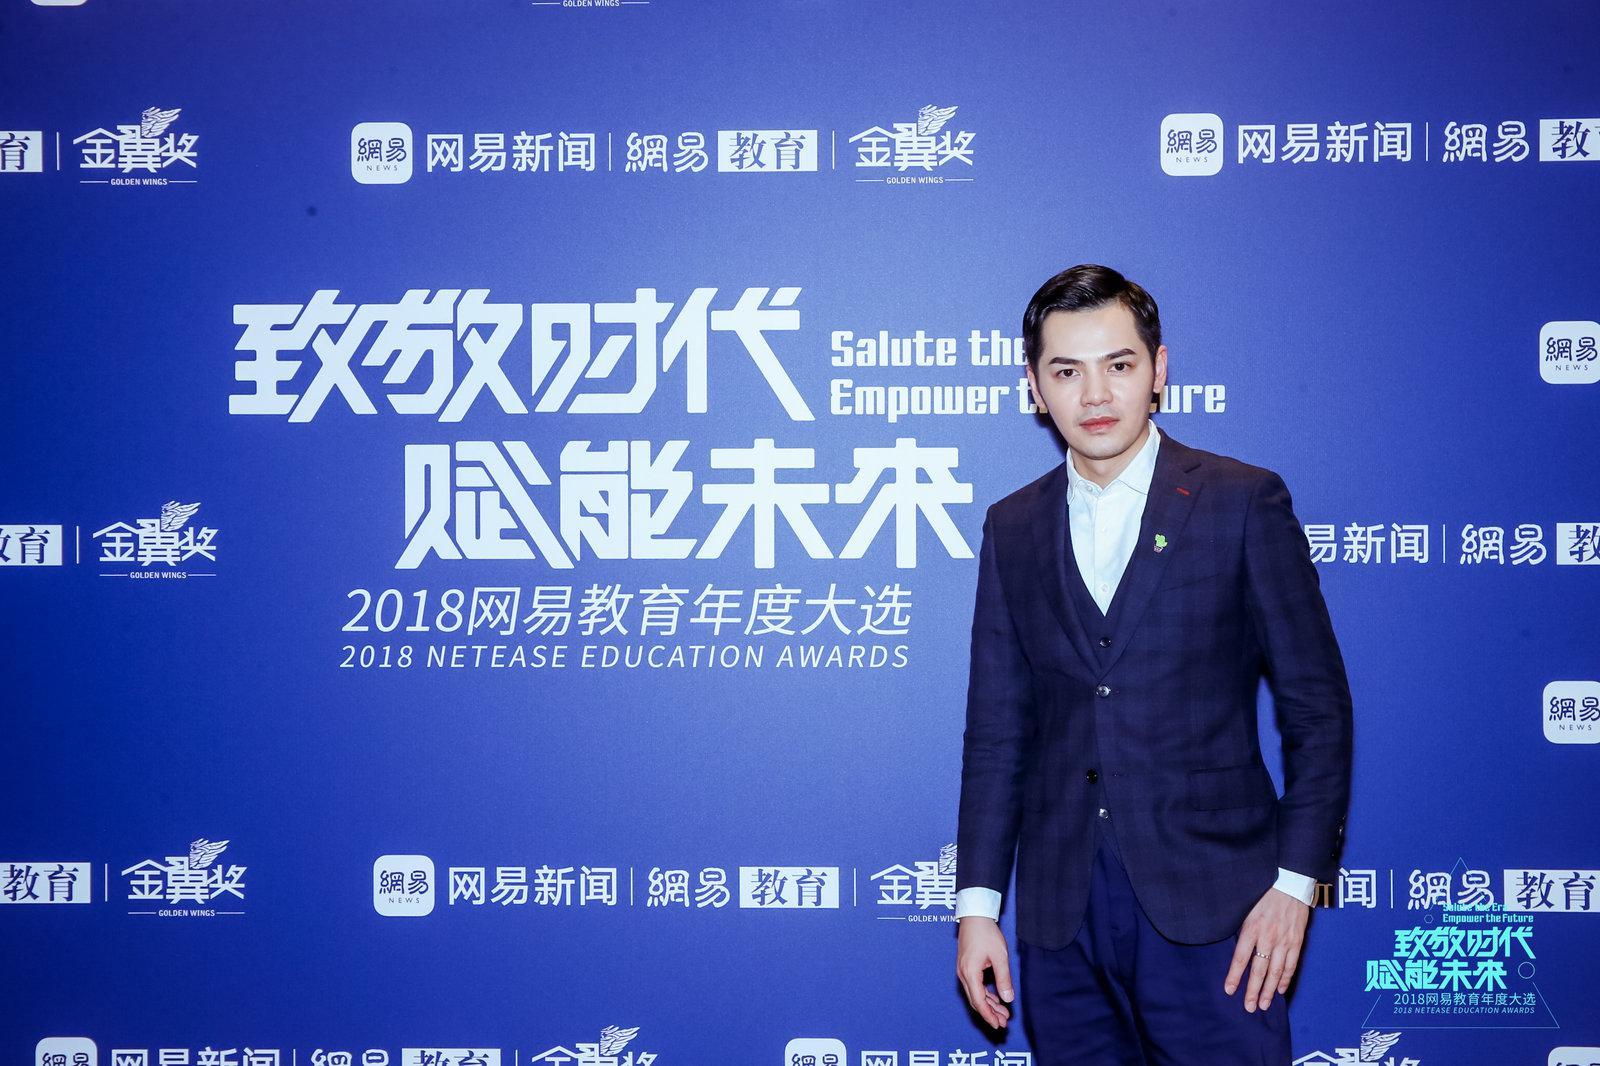 著名大提琴家陈卫平:没有条件练习时可以想象自己在练习